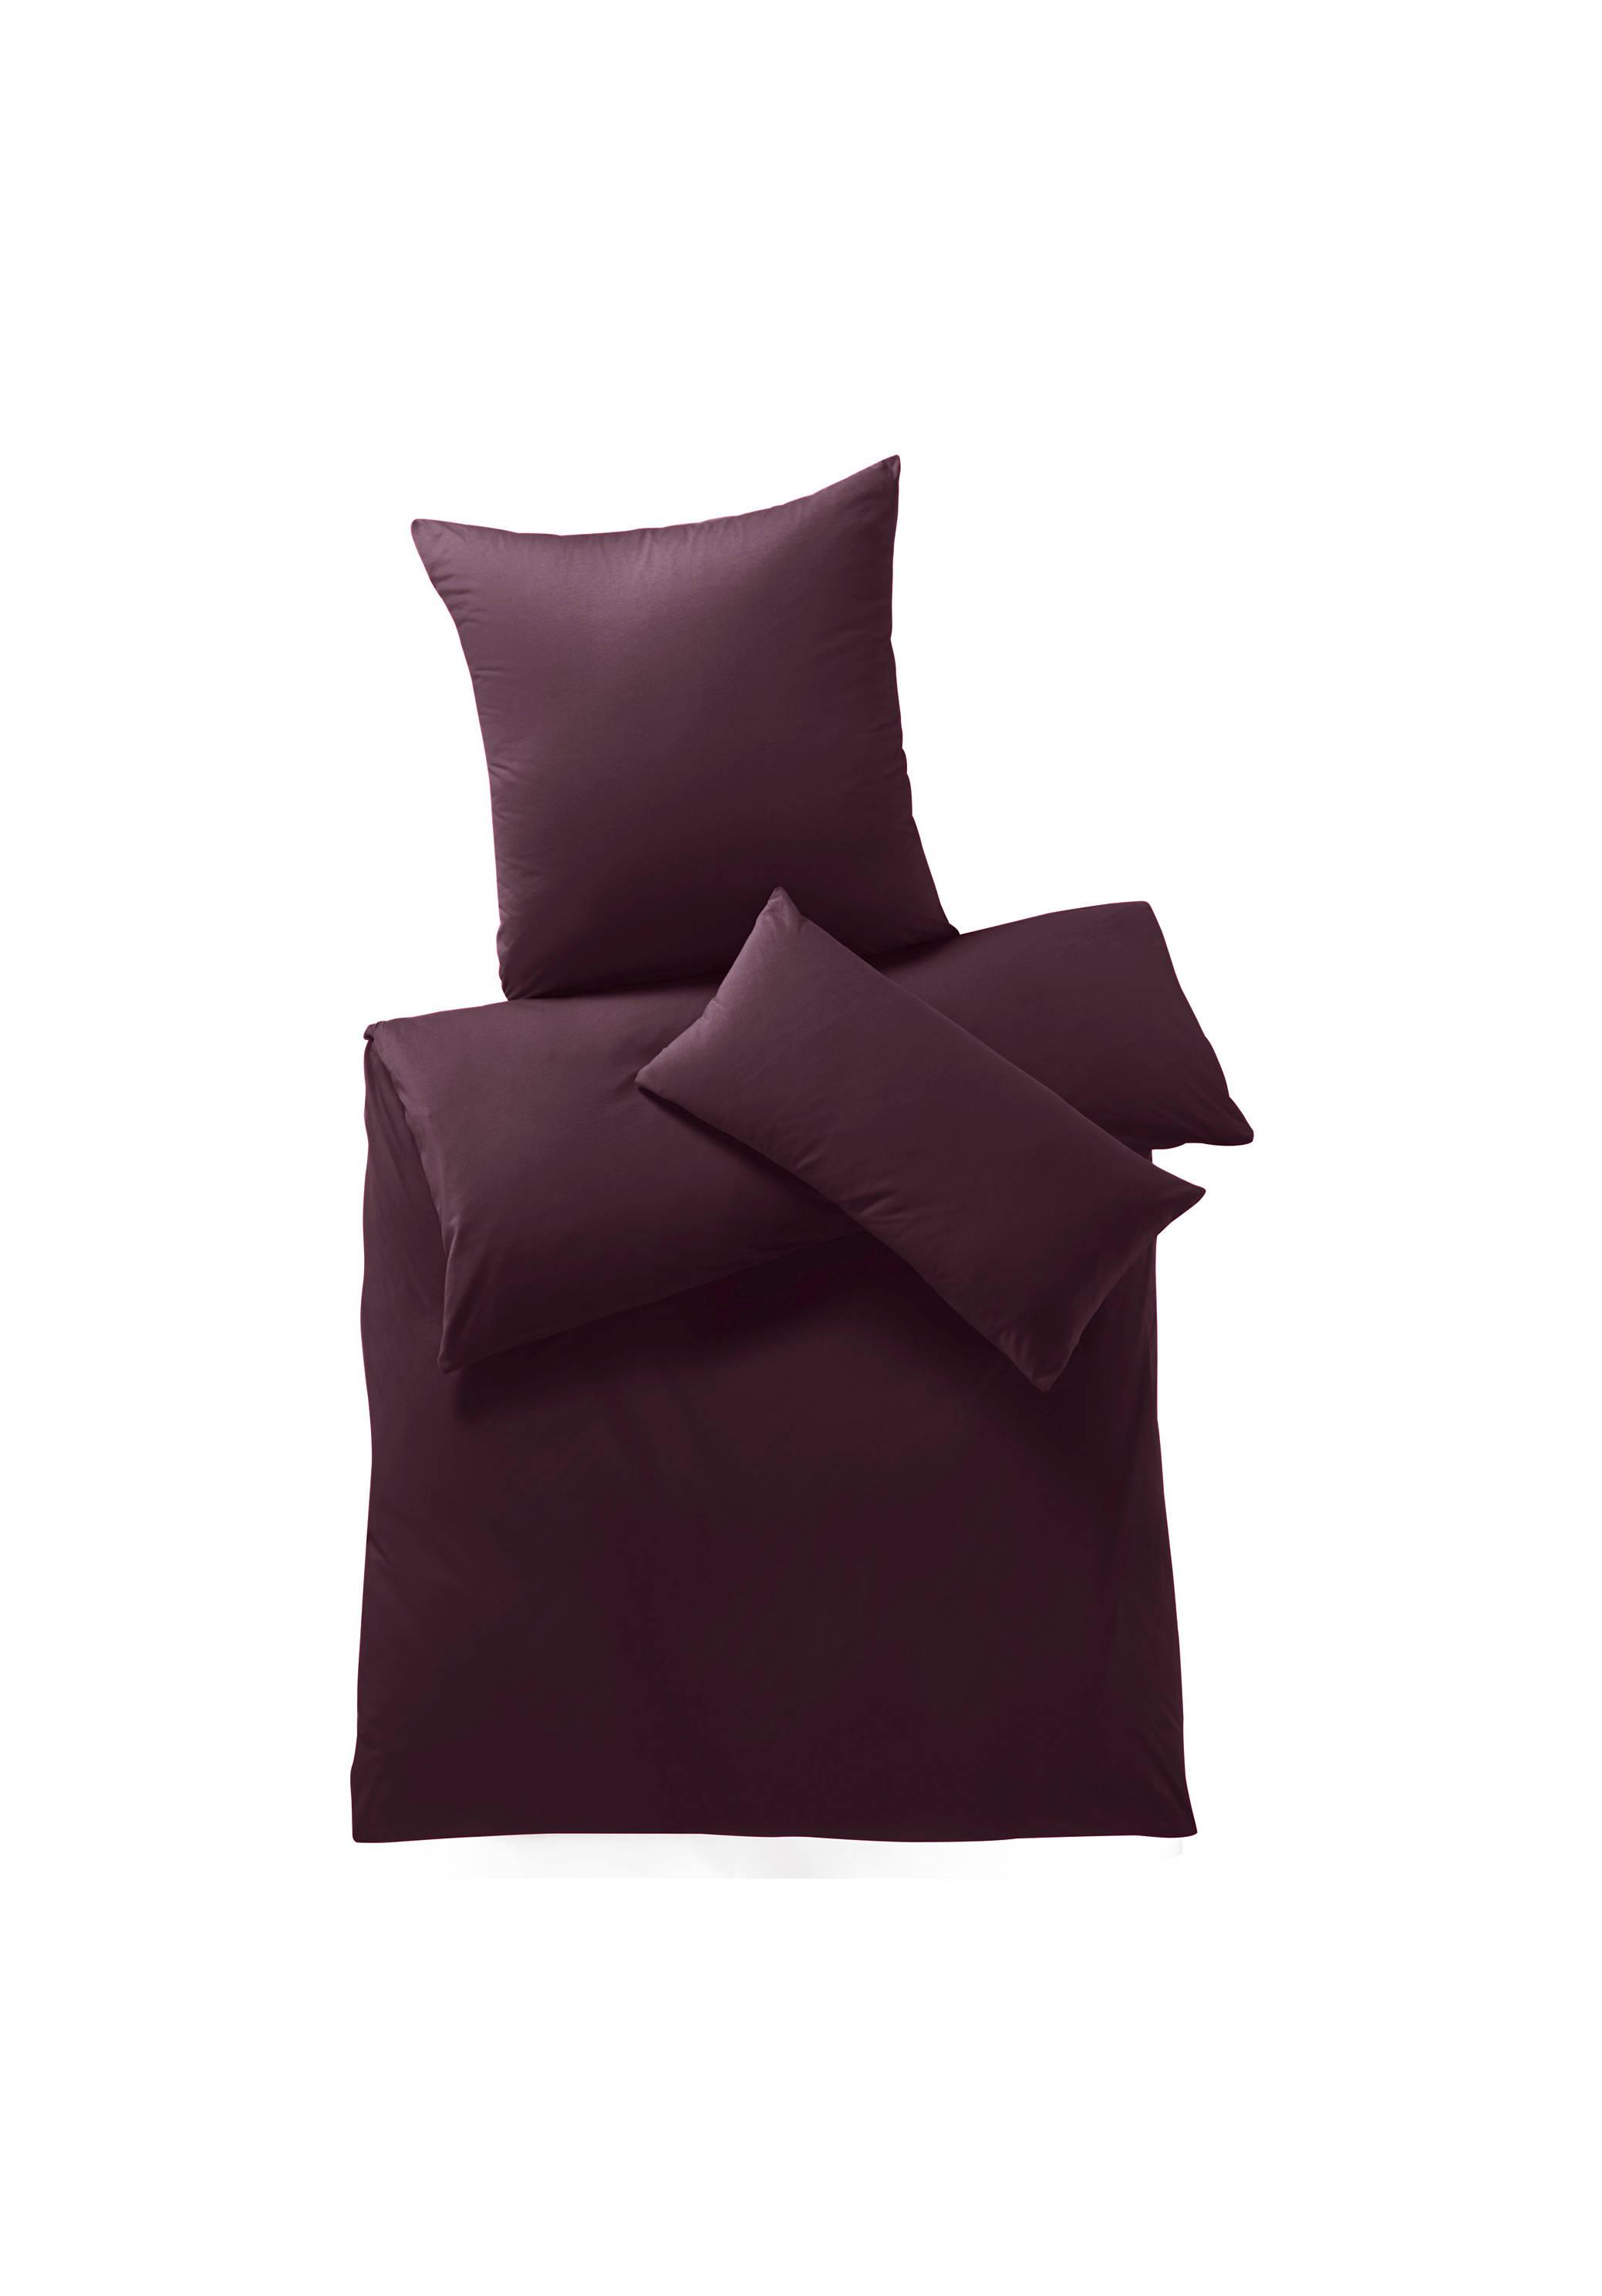 sale g nstige bio bettw sche online kaufen hessnatur deutschland. Black Bedroom Furniture Sets. Home Design Ideas